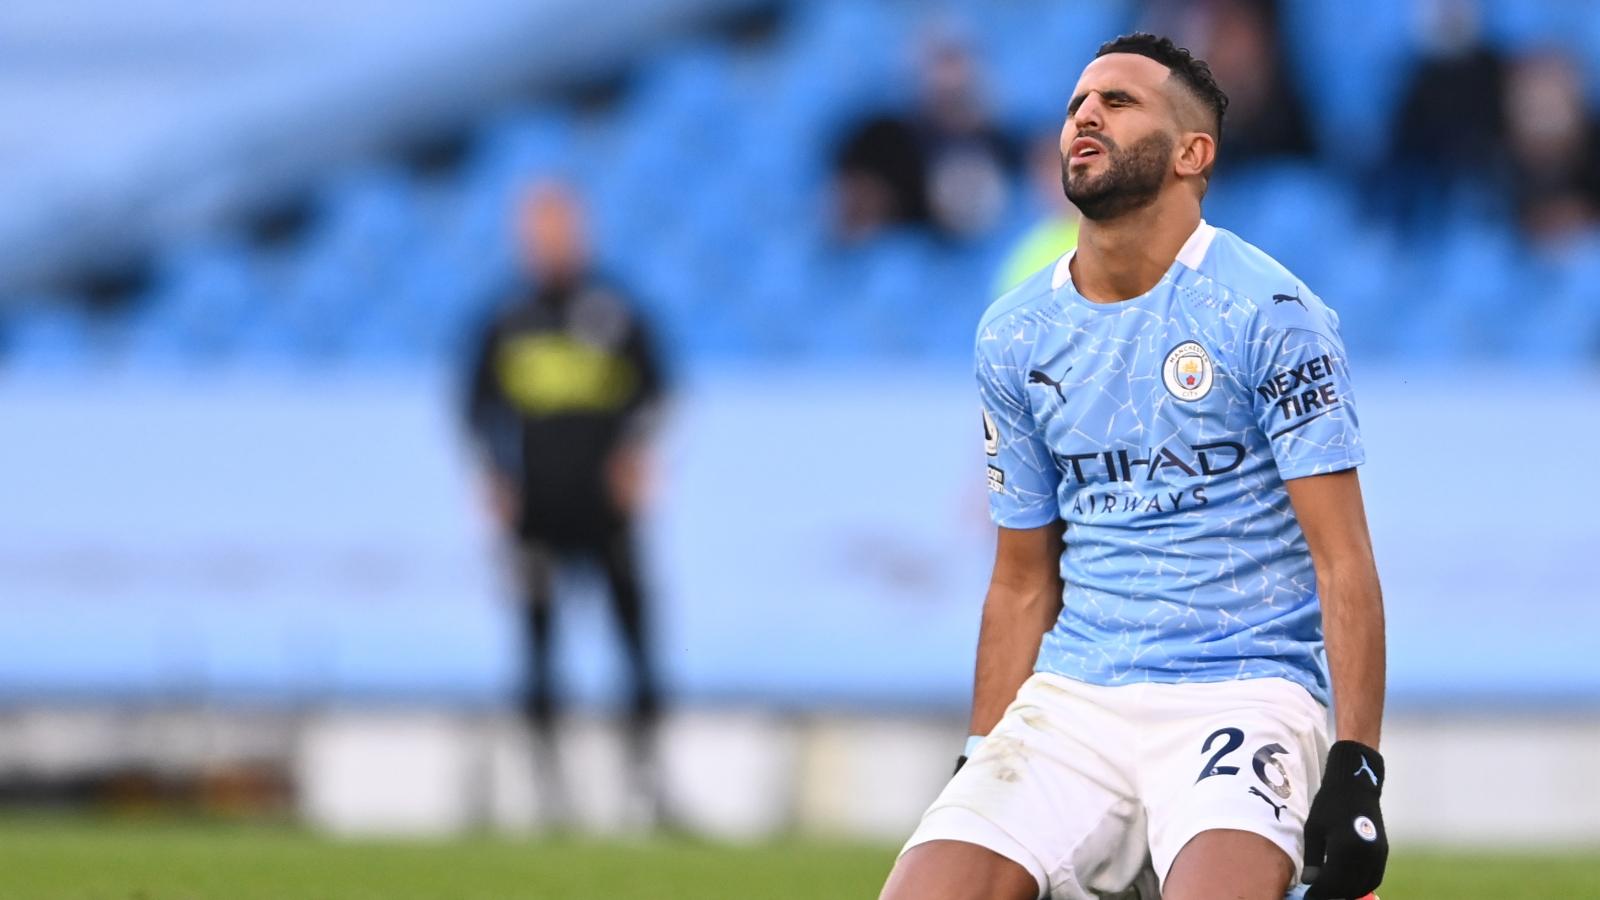 Un joueur de Manchester City interessé par le PSG ?